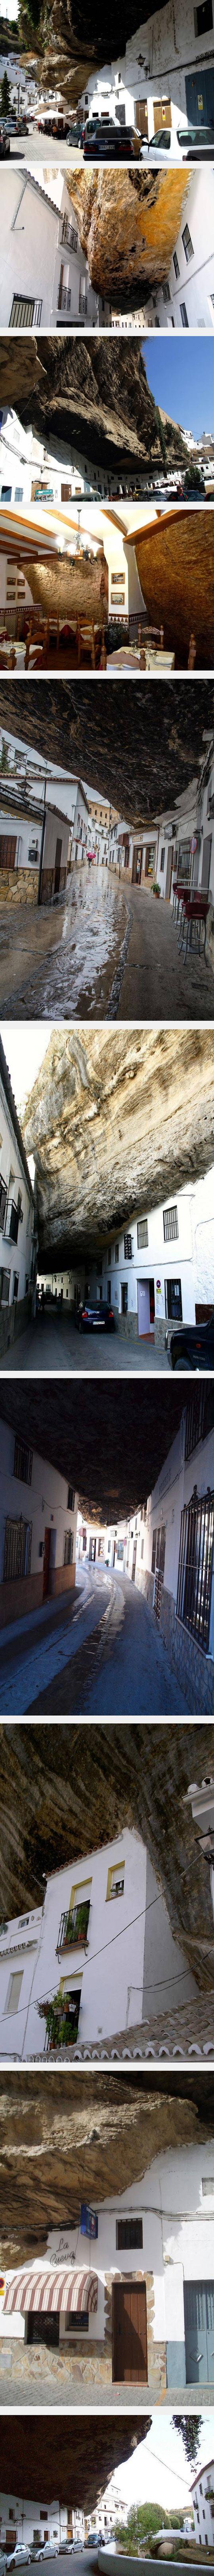 شهر منحصر به فردی که زیر ، بالا و اطراف کوه ساخته شده است